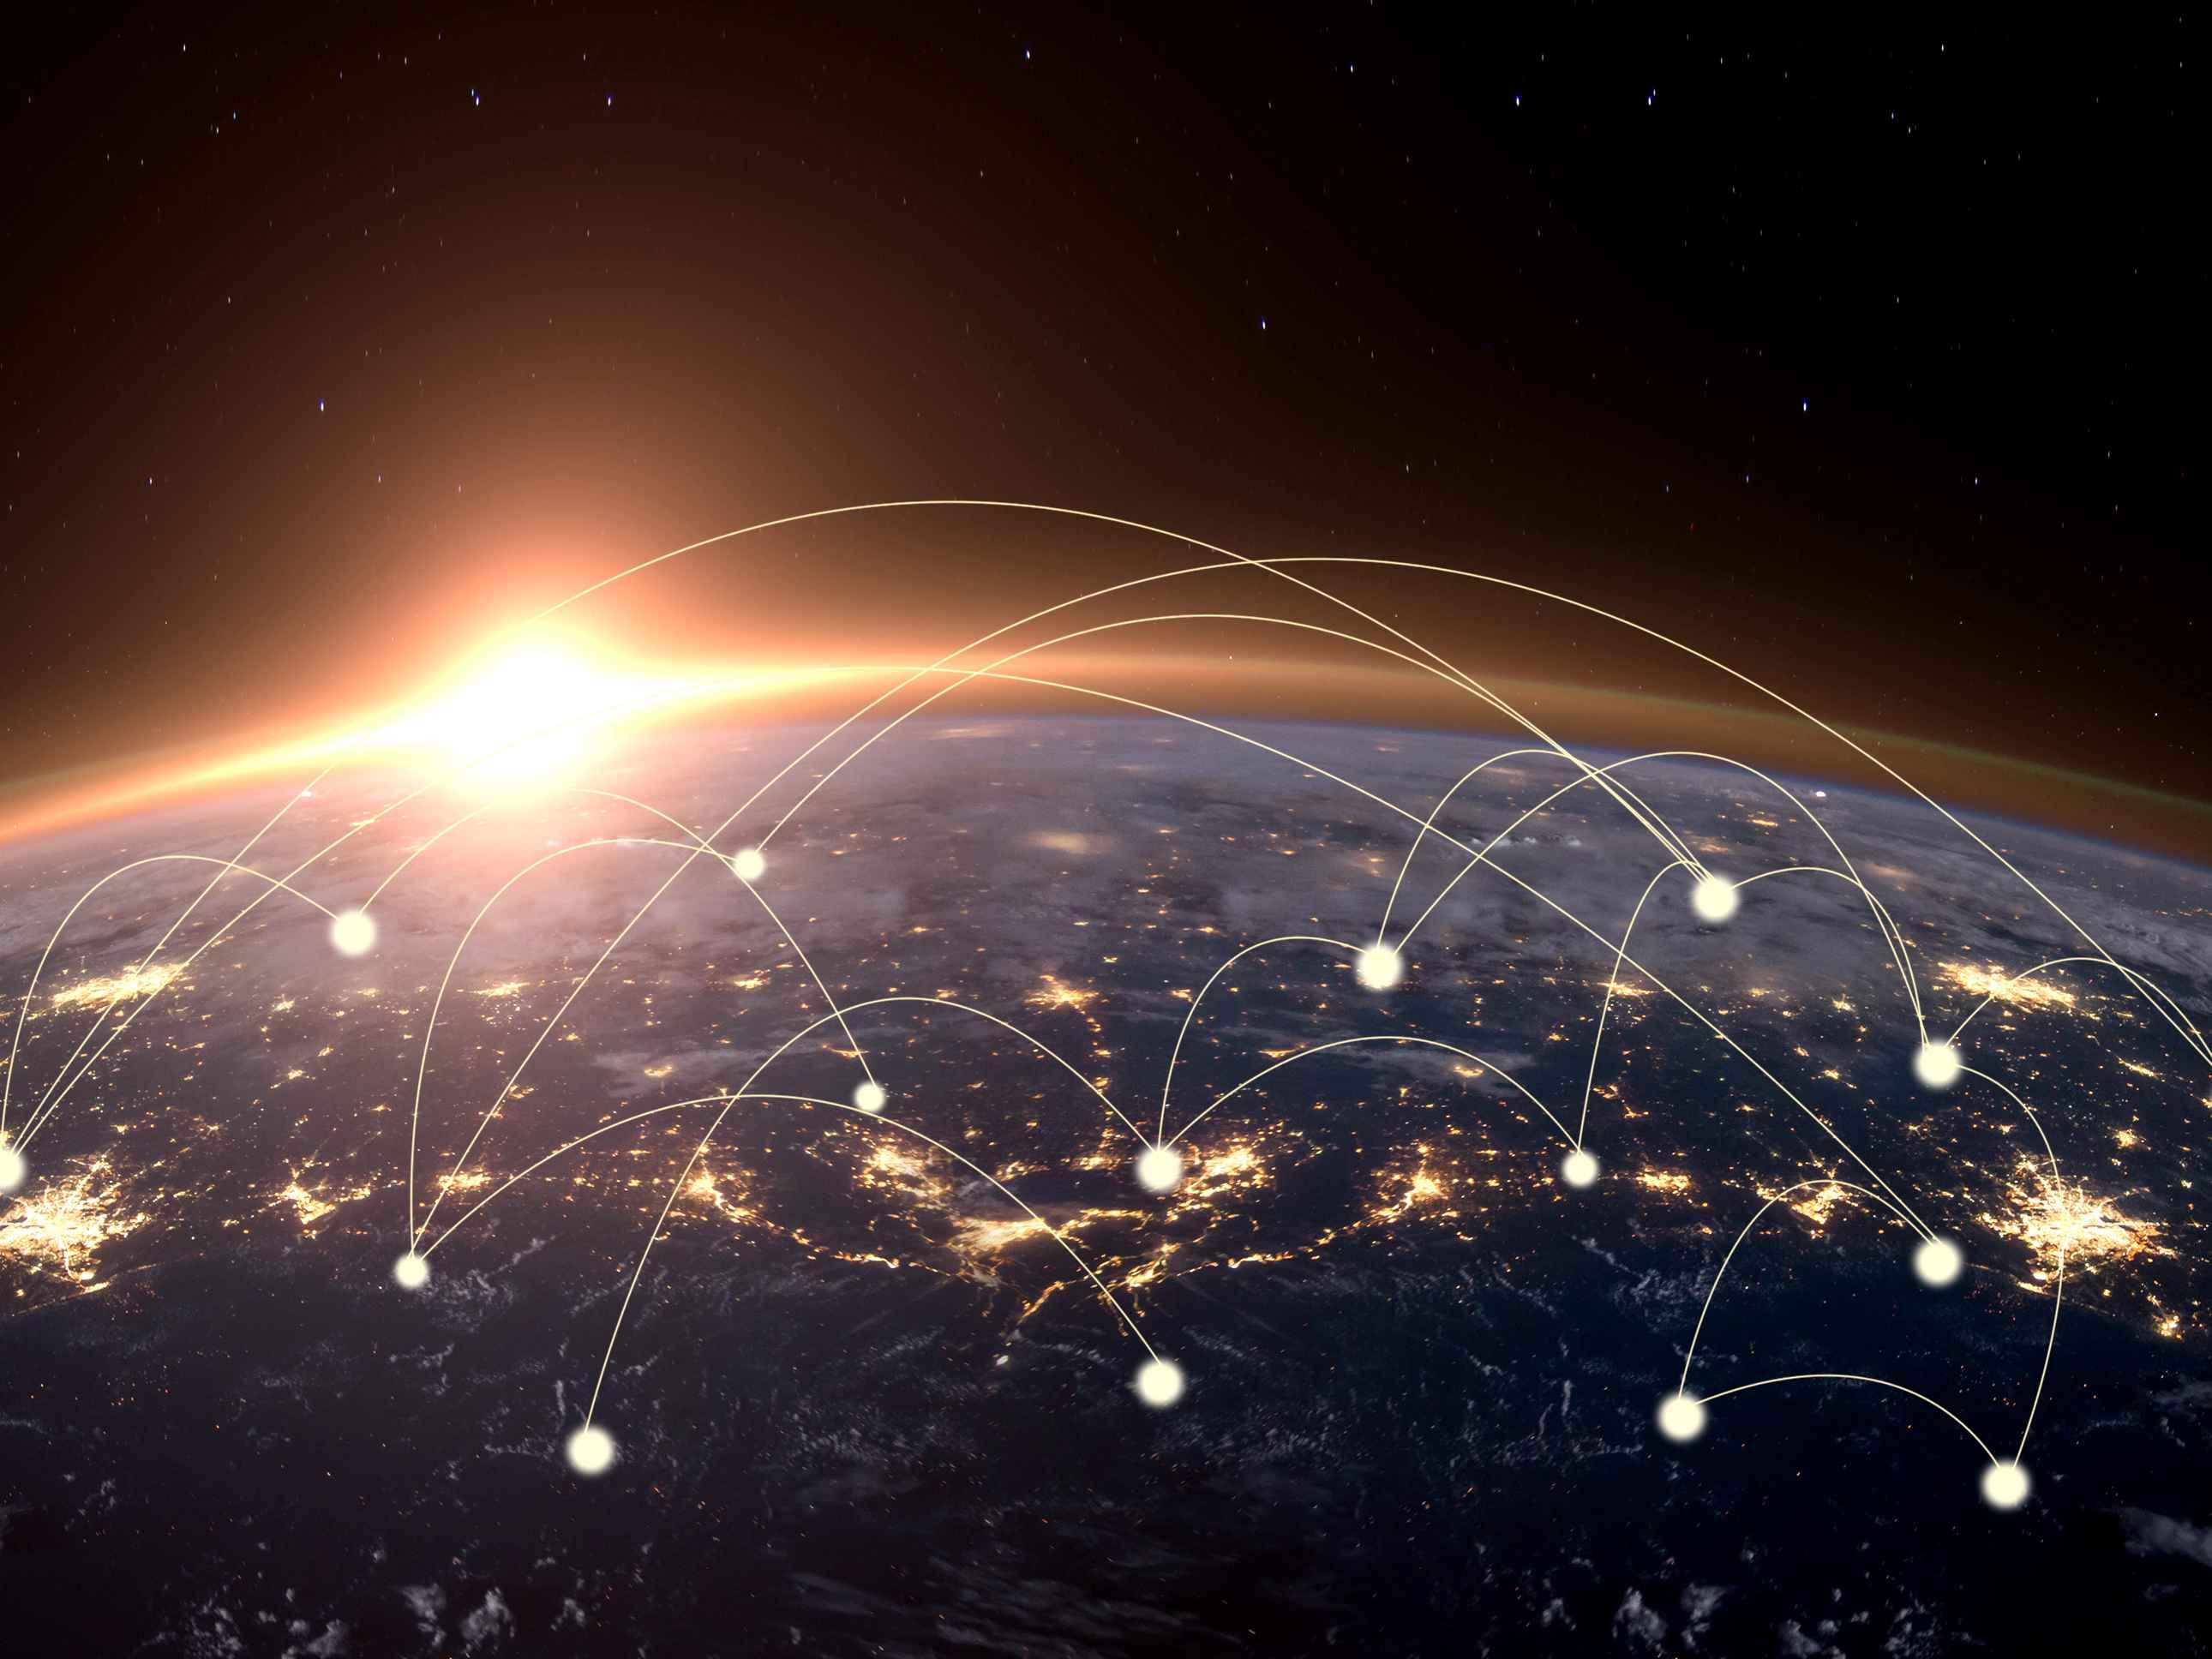 【22日13:30】郭鑫:产业分析——硬科技改变世界